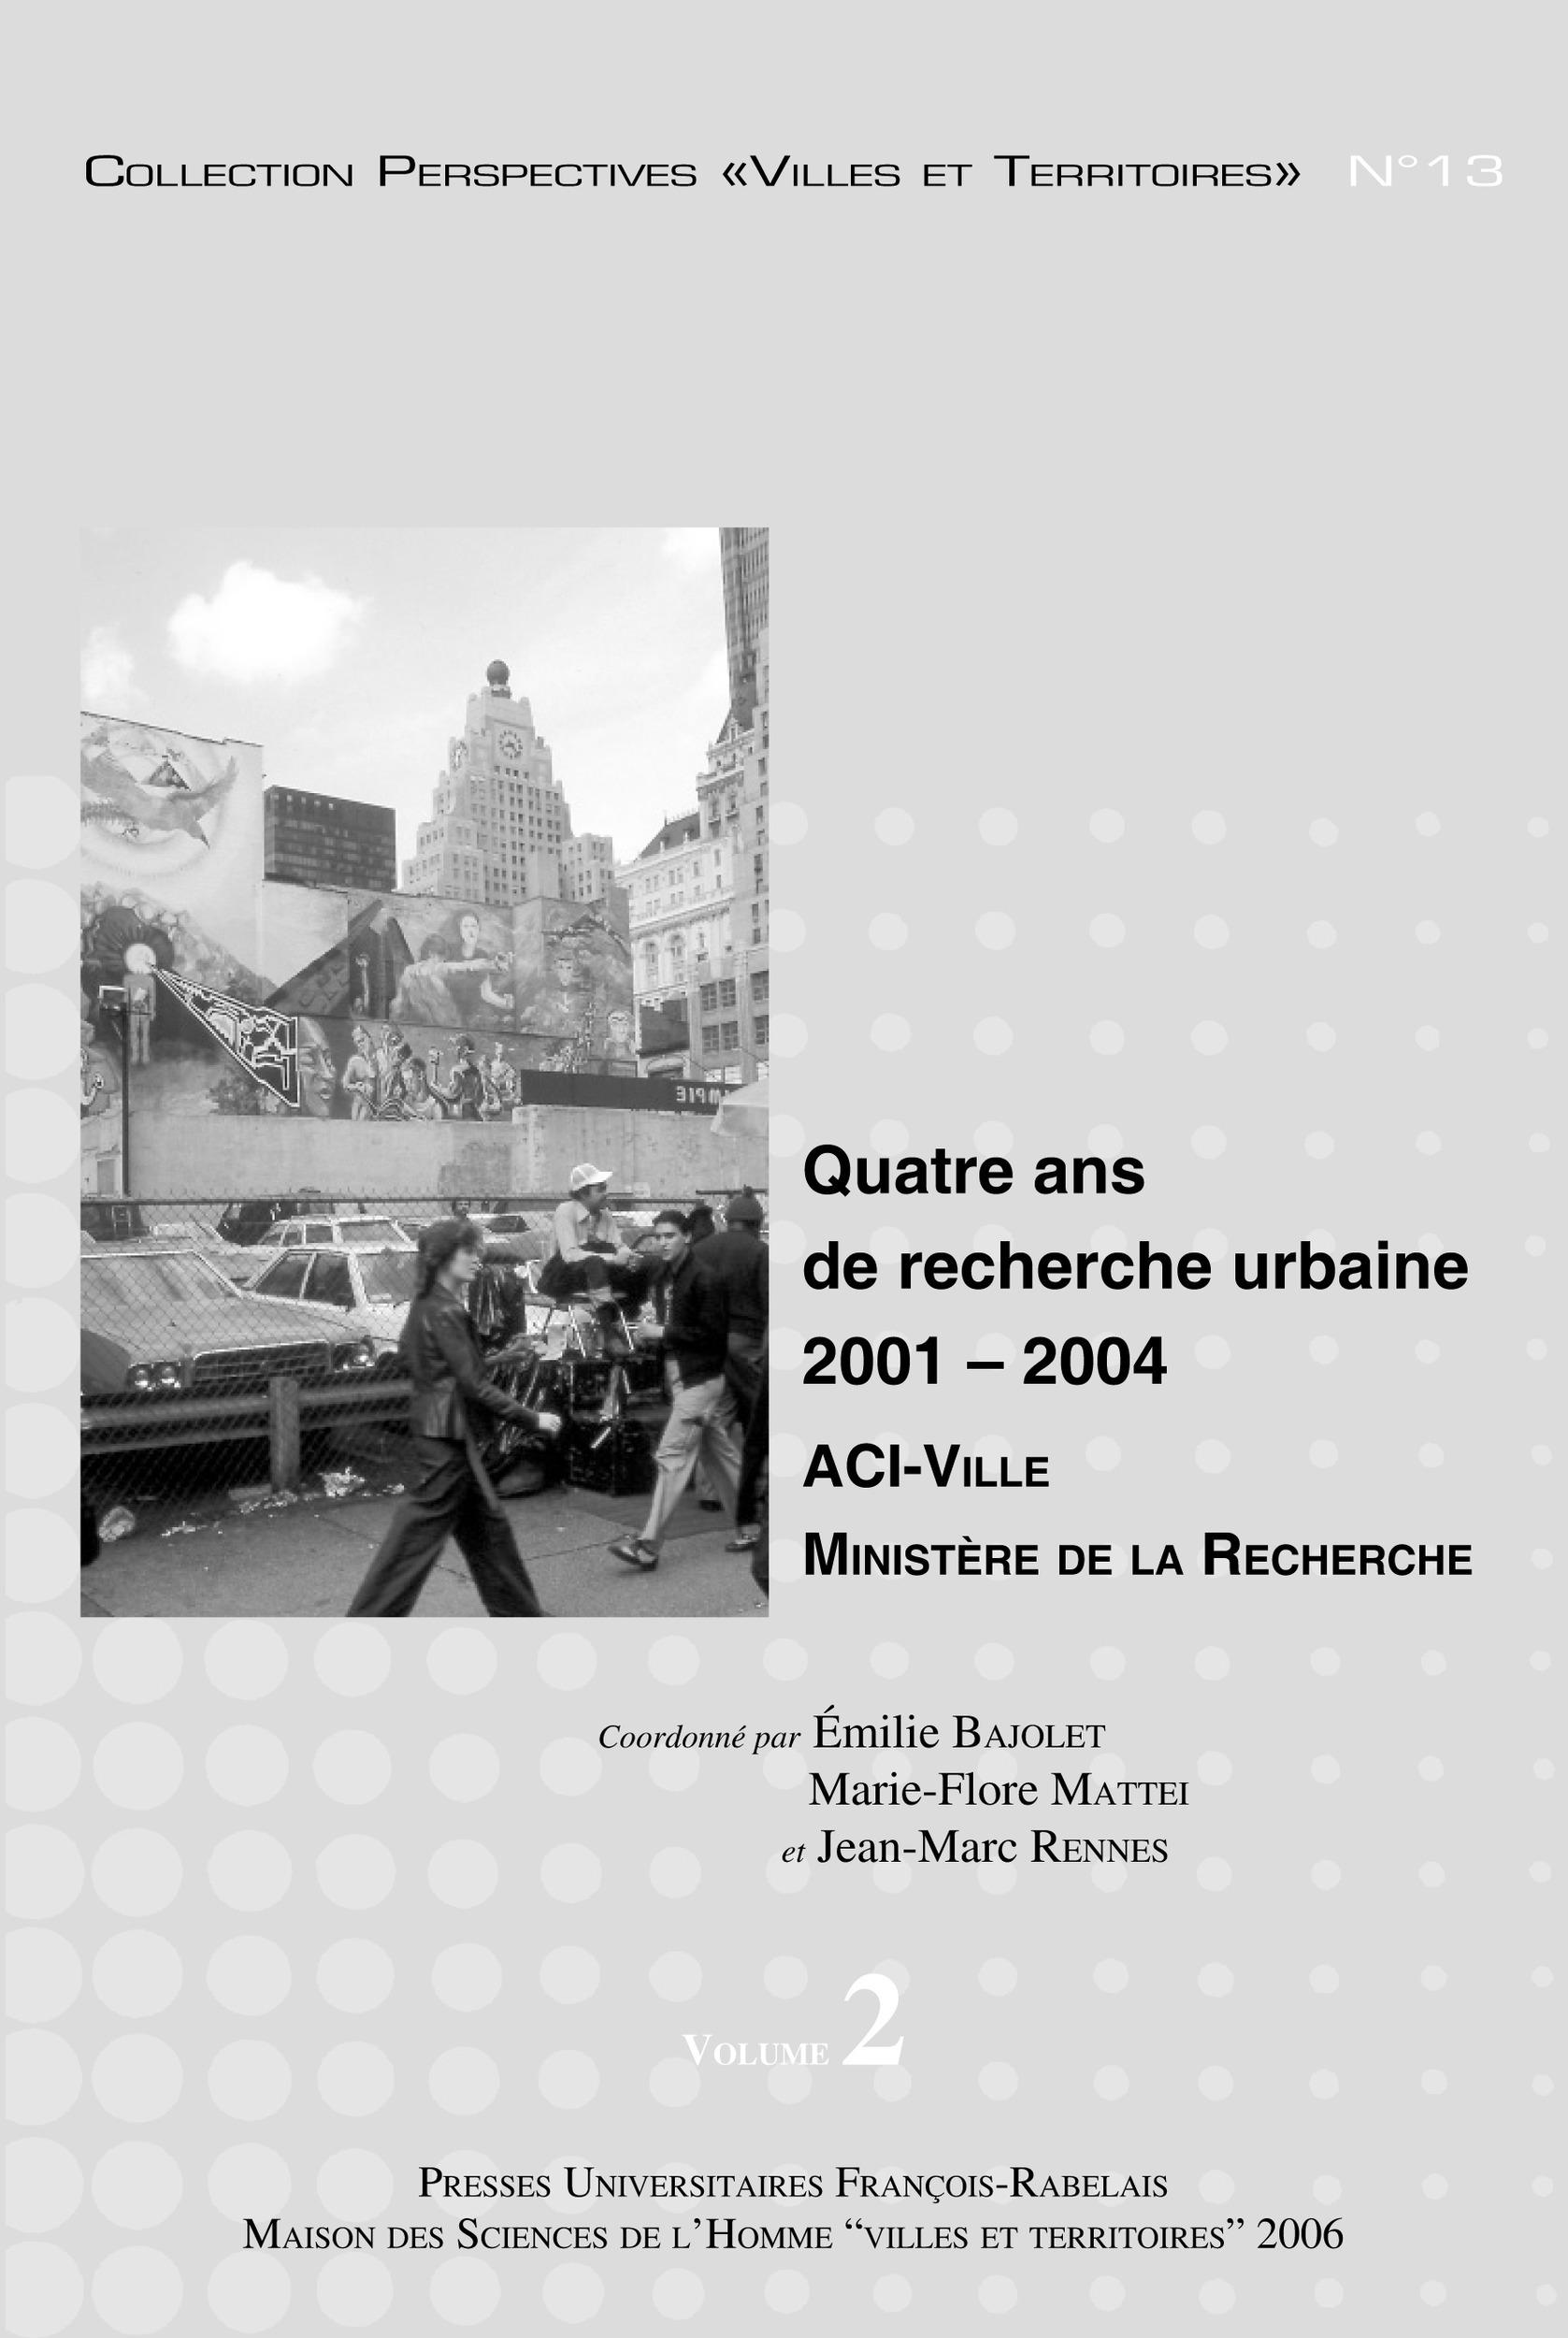 quatre ans de recherche urbaine 2001-2004 ; aci ville ministère de la recherche